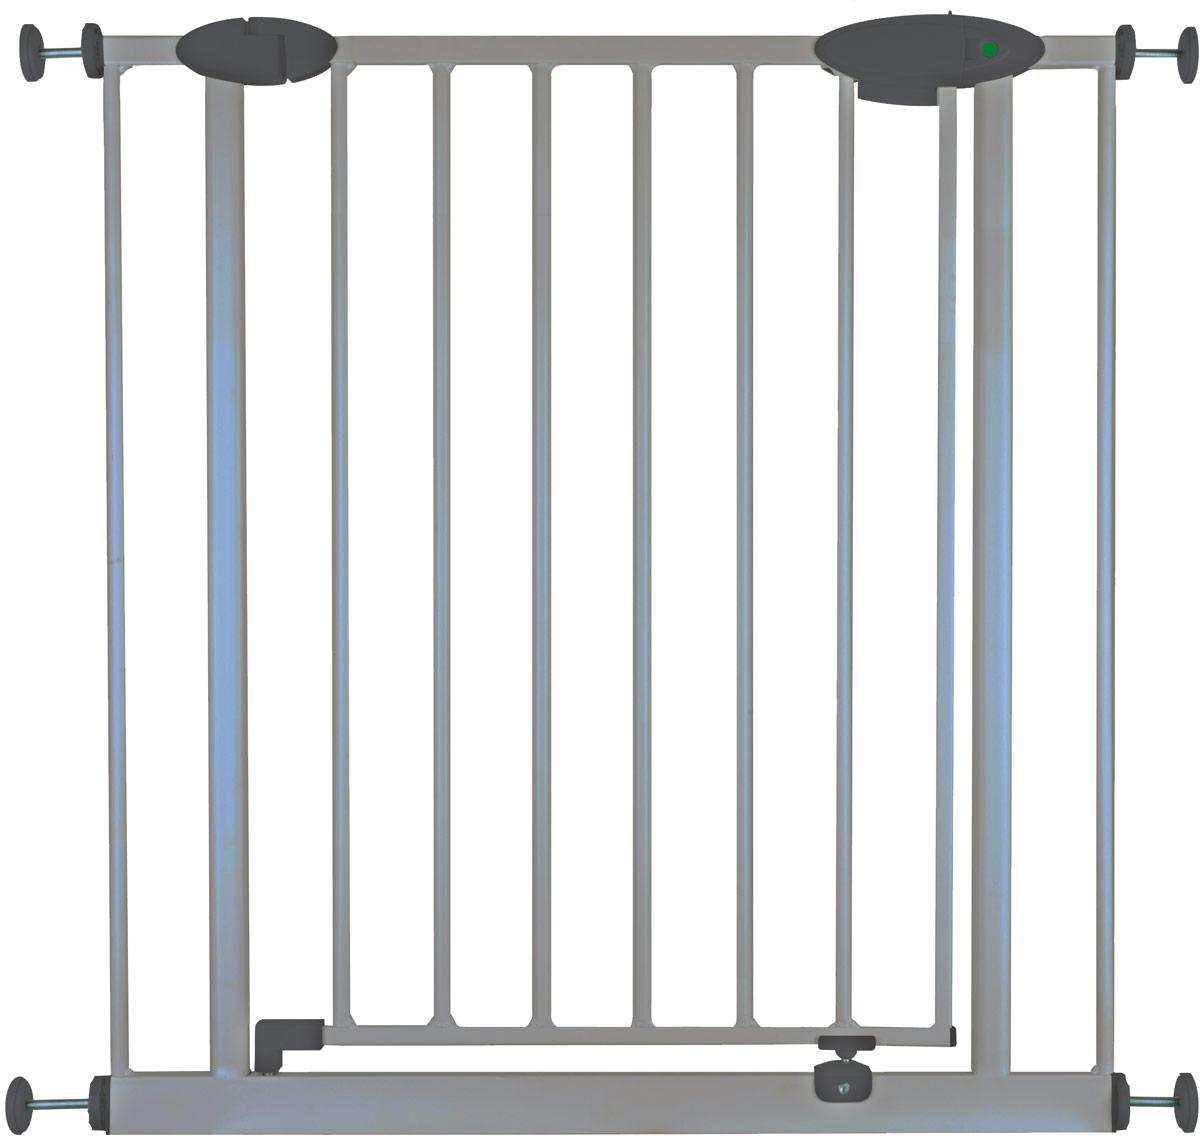 Nordlinger Ворота безопасности Sofia 73-81 см630051Защитный металлический барьер-калитка для дверного или лестничного проема (71-83 cm). Защитный металлический барьер-калитка предназначены для крепления в распор в дверном проеме или лестничном проеме. Установка осуществляется без сверления стены или дверного косяка. Особенности : Ворота изготовлены из металла и АВС пластика; Высота ворот 76 см. • Ширина двери (калитки) 51 см. • Ворота (без дополнительных секций) крепятся в дверной прем шириной 71-83 см. • Замок имеет защиту от случайного открытия его ребенком • При открытии ворот на угол более 90° (до 100°), дверь сохраняет свое положение. • Дверка открываются в обоих направлениях. • Удобный механизм защелкивания. • Для установки не требуется сверление; • Возможность перемещения ворот в дверной проем другой двери дома. При установке в соответствии с инструкциями между двумя прочными с точки зрения конструкции поверхностями, данное изделие отвечает требованиям стандарта EN 1930:2012. Для установки рекомендуется использовать фиксаторы для крепления к стене. (см. инструкцию по установке ворот). Размеры коробки 74 х 5 х 82 см. Вес с коробкой : 5.2 кг. Вес без коробки 4,5 кг. Страна производства Китай. Рекомендуем!